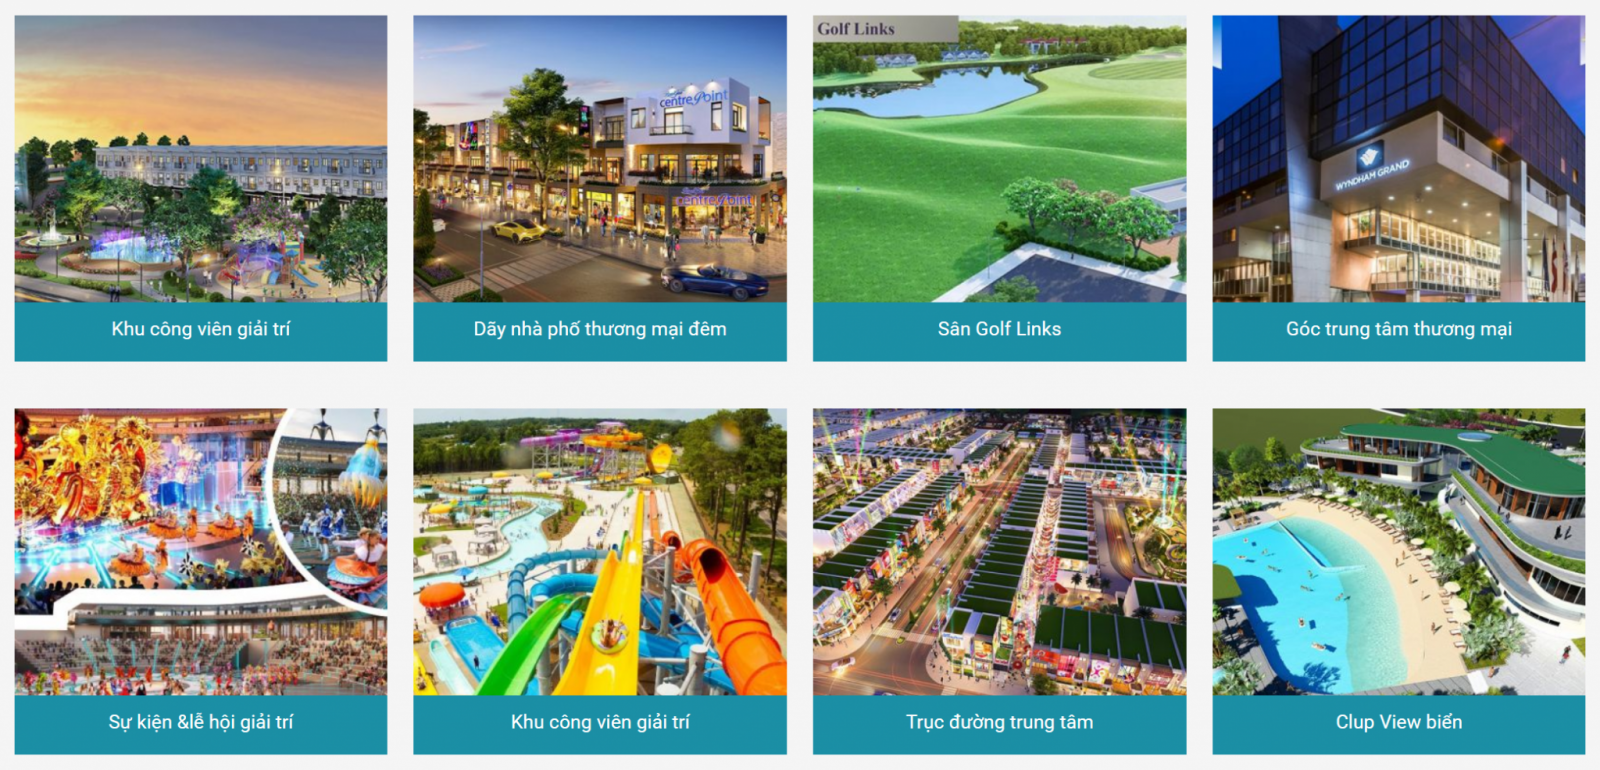 Có nên lựa chọn dự án KN Paradise để làm điểm nghỉ dưỡng hay không?